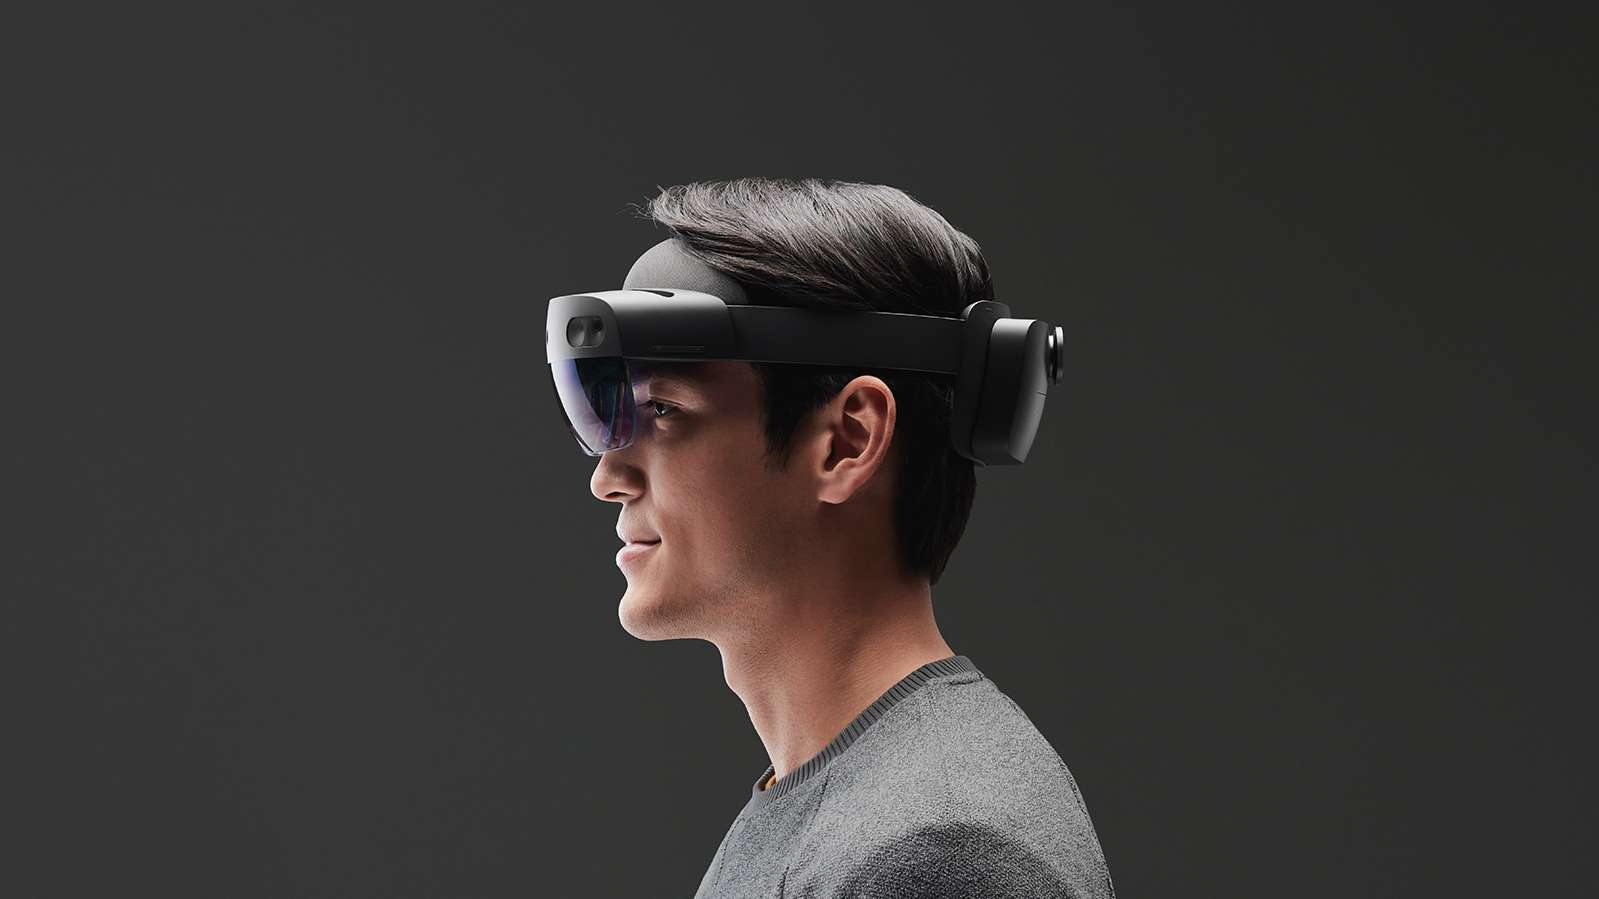 Microsoft uvedl HoloLens 2 Development Edition za 3500 dolarů [aktualizováno]